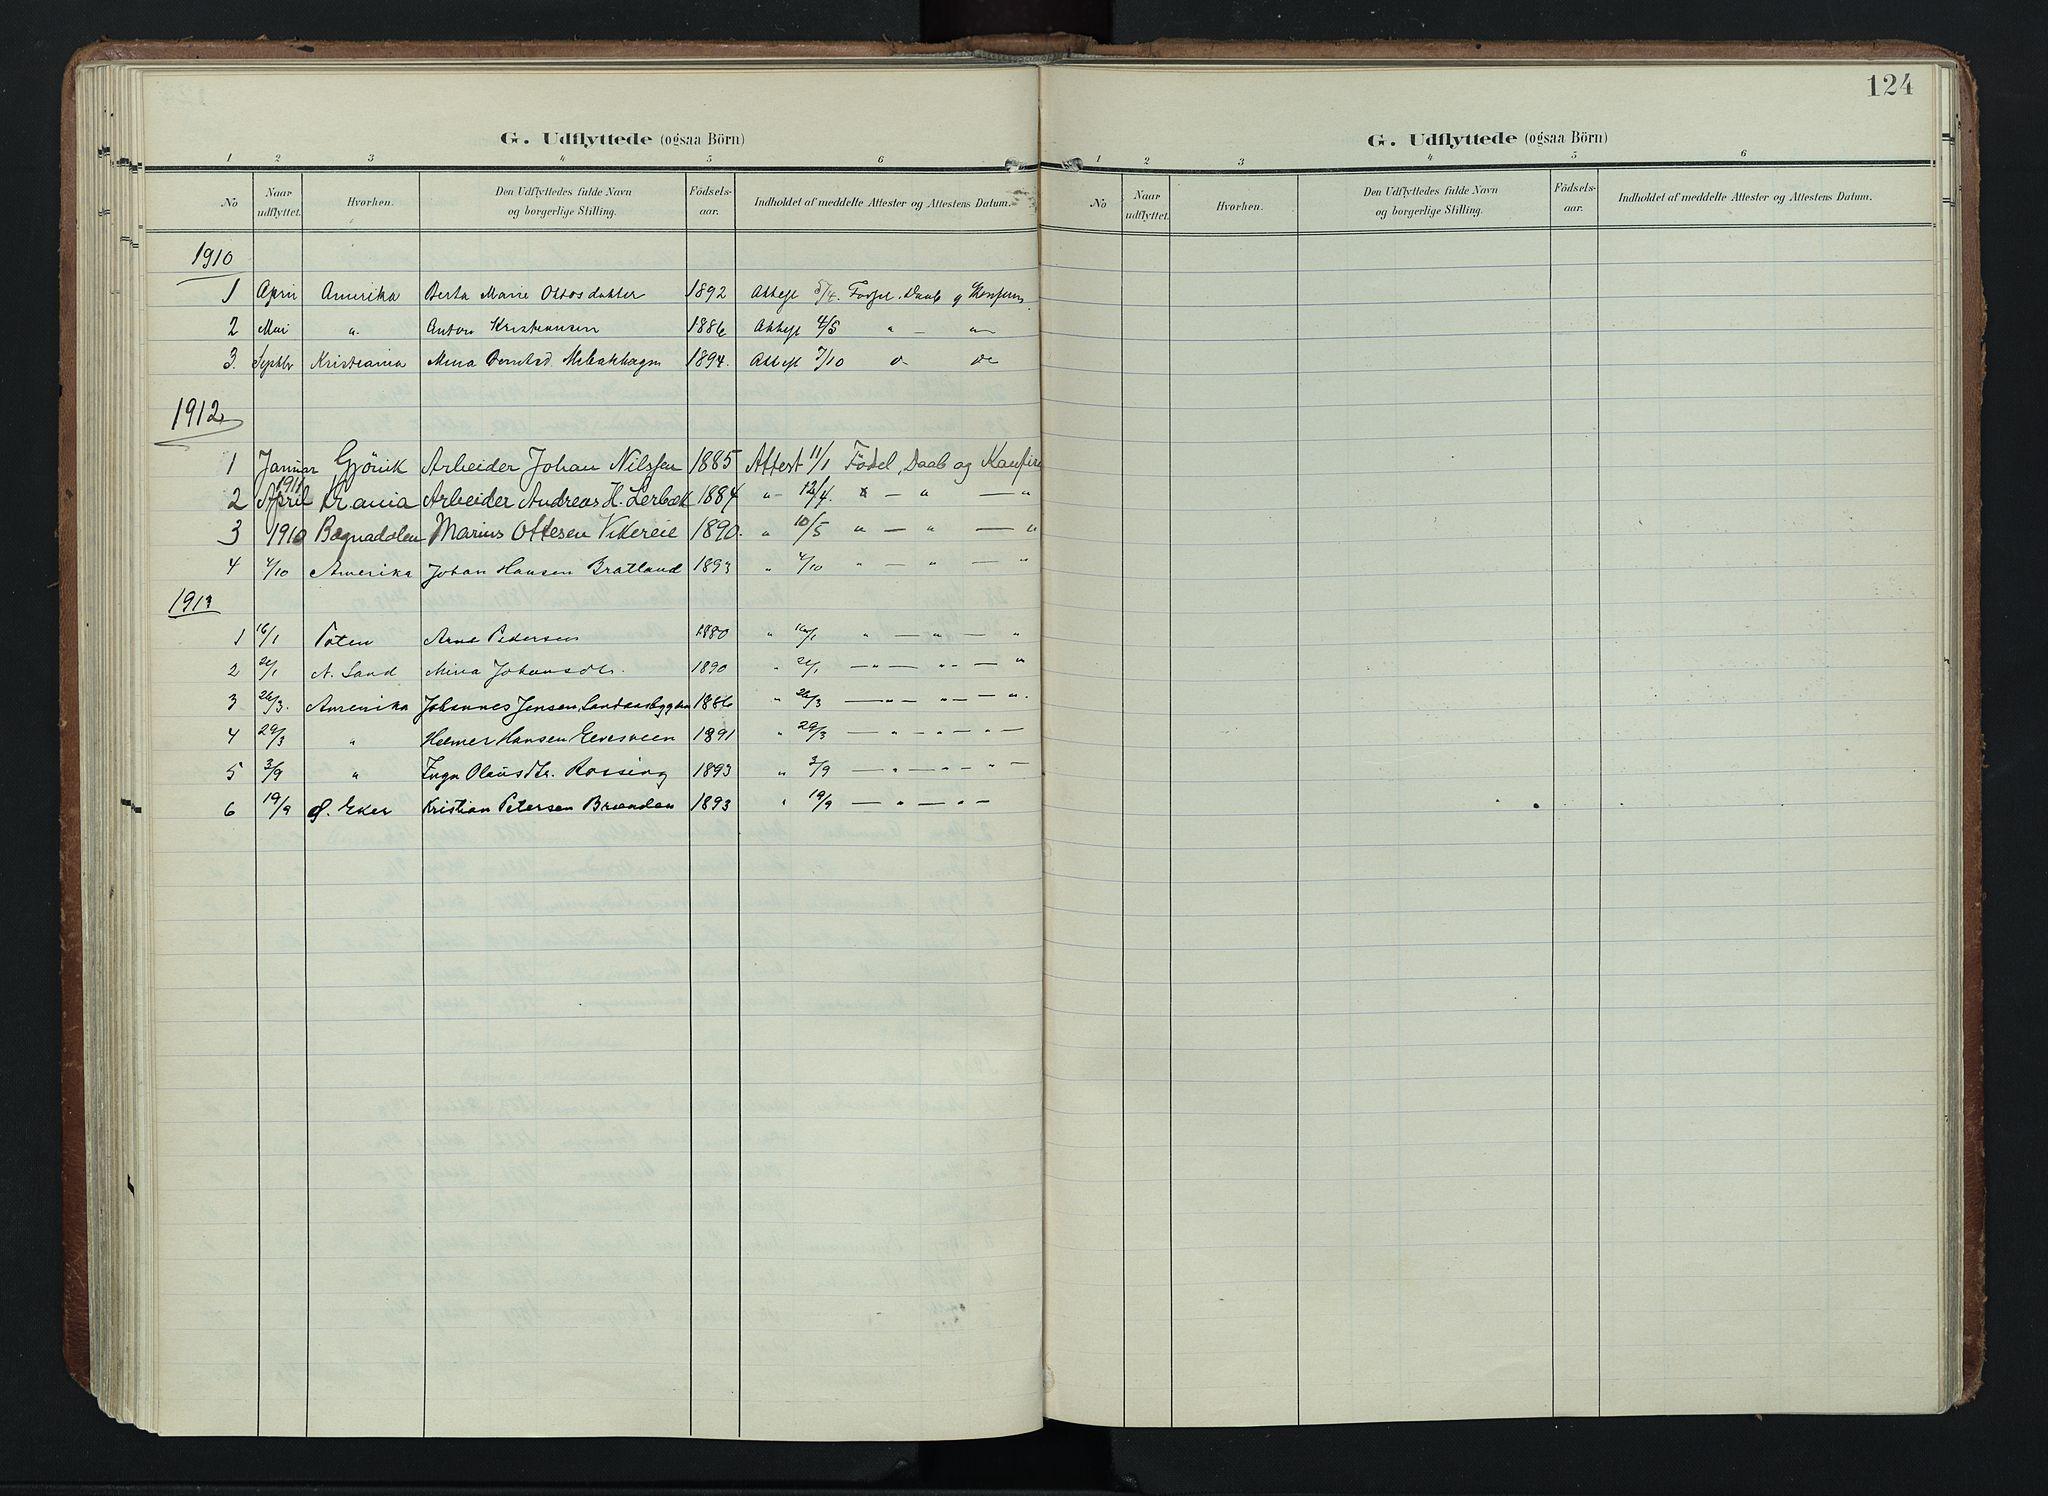 SAH, Søndre Land prestekontor, K/L0005: Ministerialbok nr. 5, 1905-1914, s. 124